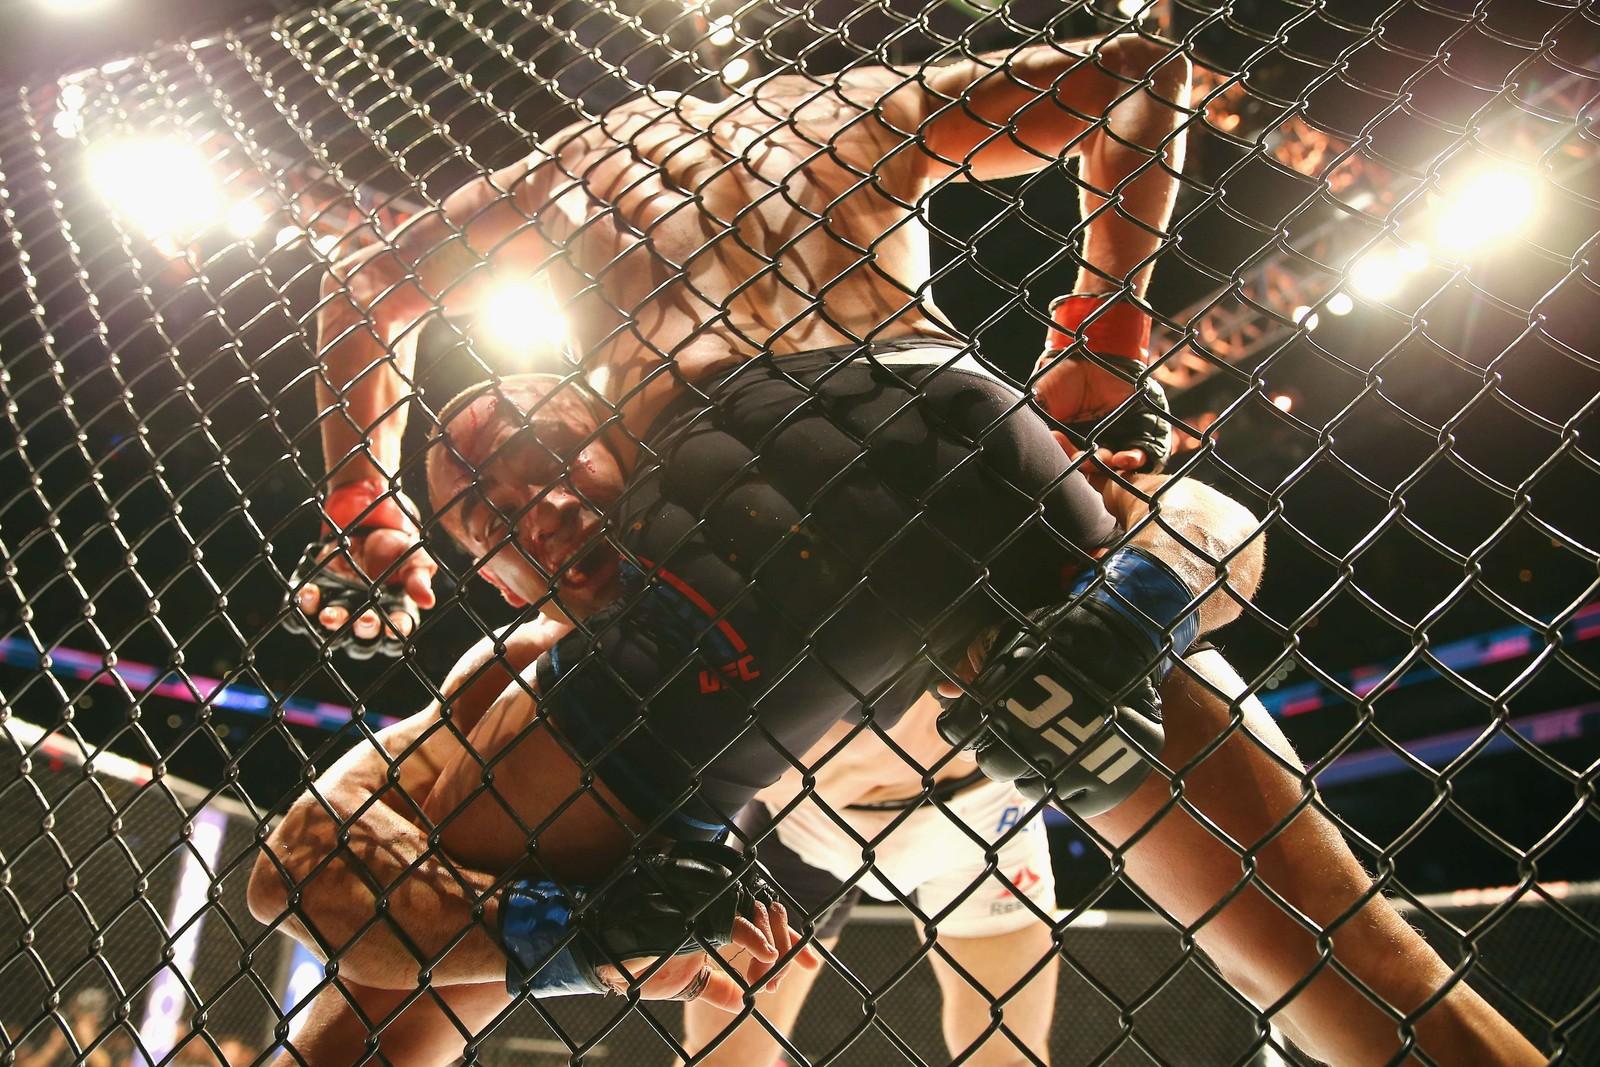 UFC MMA står for Ultimate Fighting Championship Mixed Martial Arts. Ligaen blir følgt av millionar av TV-sjåarar verda over.